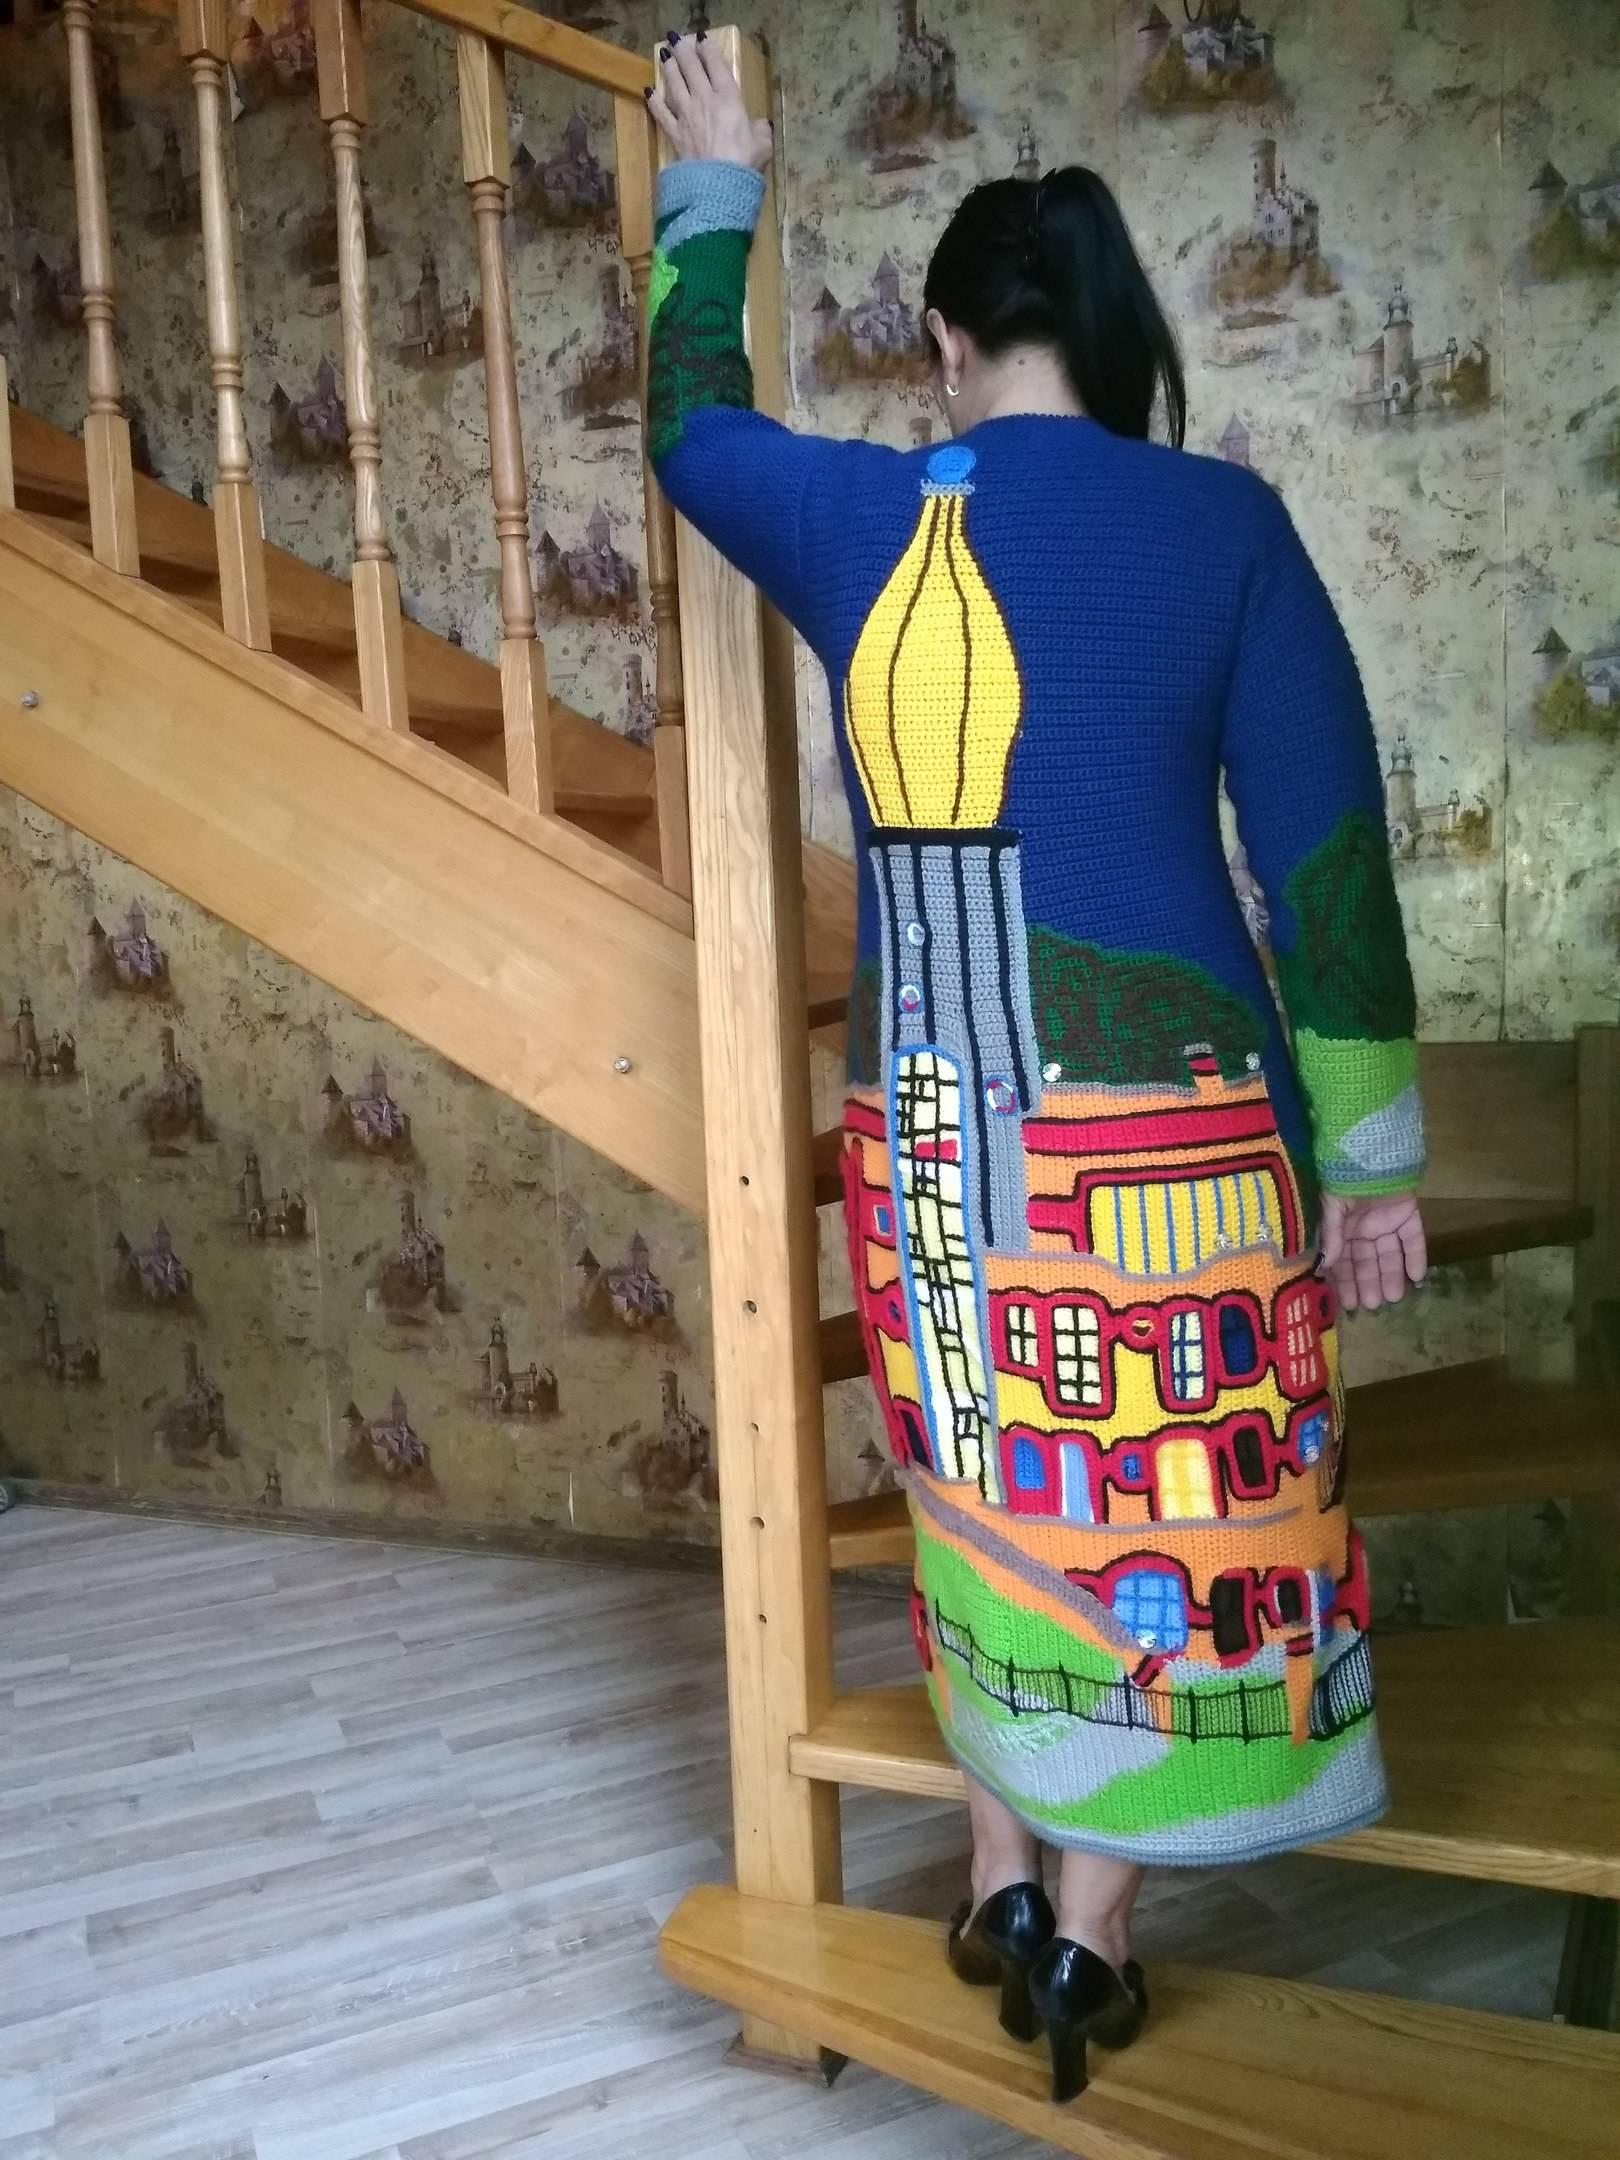 """Пальто-""""Здание Макдональдс,Эссен,Германия"""".Выполнено крючком,техника интарсия,авторское текстурирование полотна с созданием 3D эффекта.Украшено кристаллами Сваровски."""